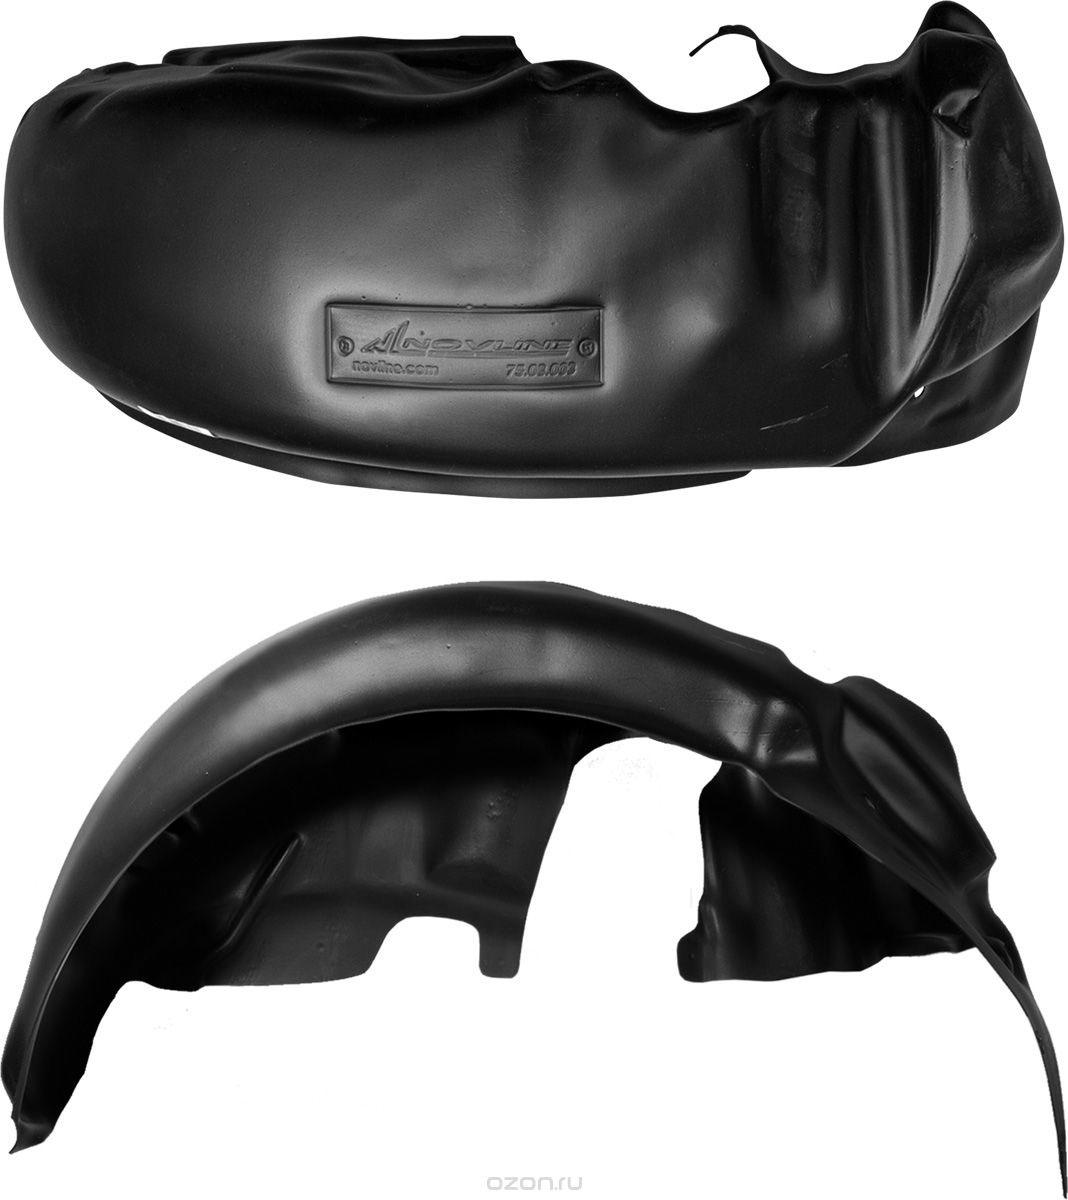 Подкрылок Novline-Autofamily, для Chevrolet Аveo, 2004->, хэтчбек, передний левый. 004301004301Идеальная защита колесной ниши. Локеры разработаны с применением цифровых технологий, гарантируют максимальную повторяемость поверхности арки. Изделия устанавливаются без нарушения лакокрасочного покрытия автомобиля, каждый подкрылок комплектуется крепежом. Уважаемые клиенты, обращаем ваше внимание, что фотографии на подкрылки универсальные и не отражают реальную форму изделия. При этом само изделие идет точно под размер указанного автомобиля.